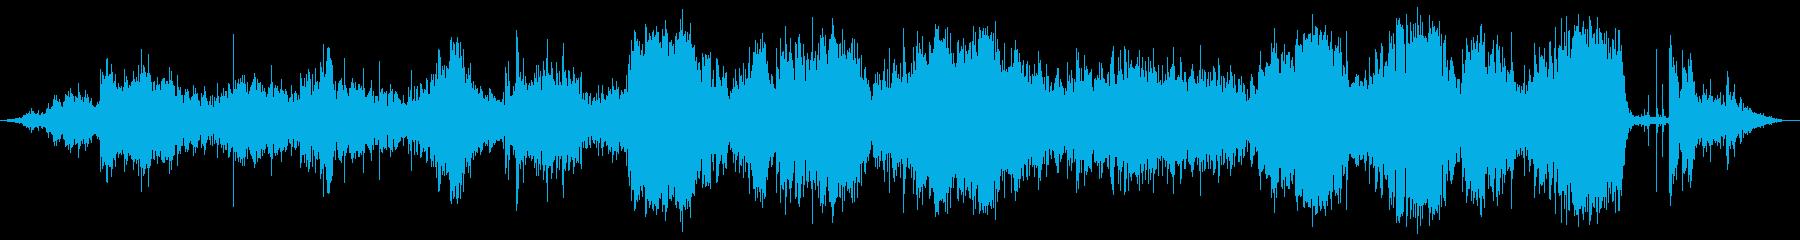 オンボード:トラベルダウンヒル、ス...の再生済みの波形